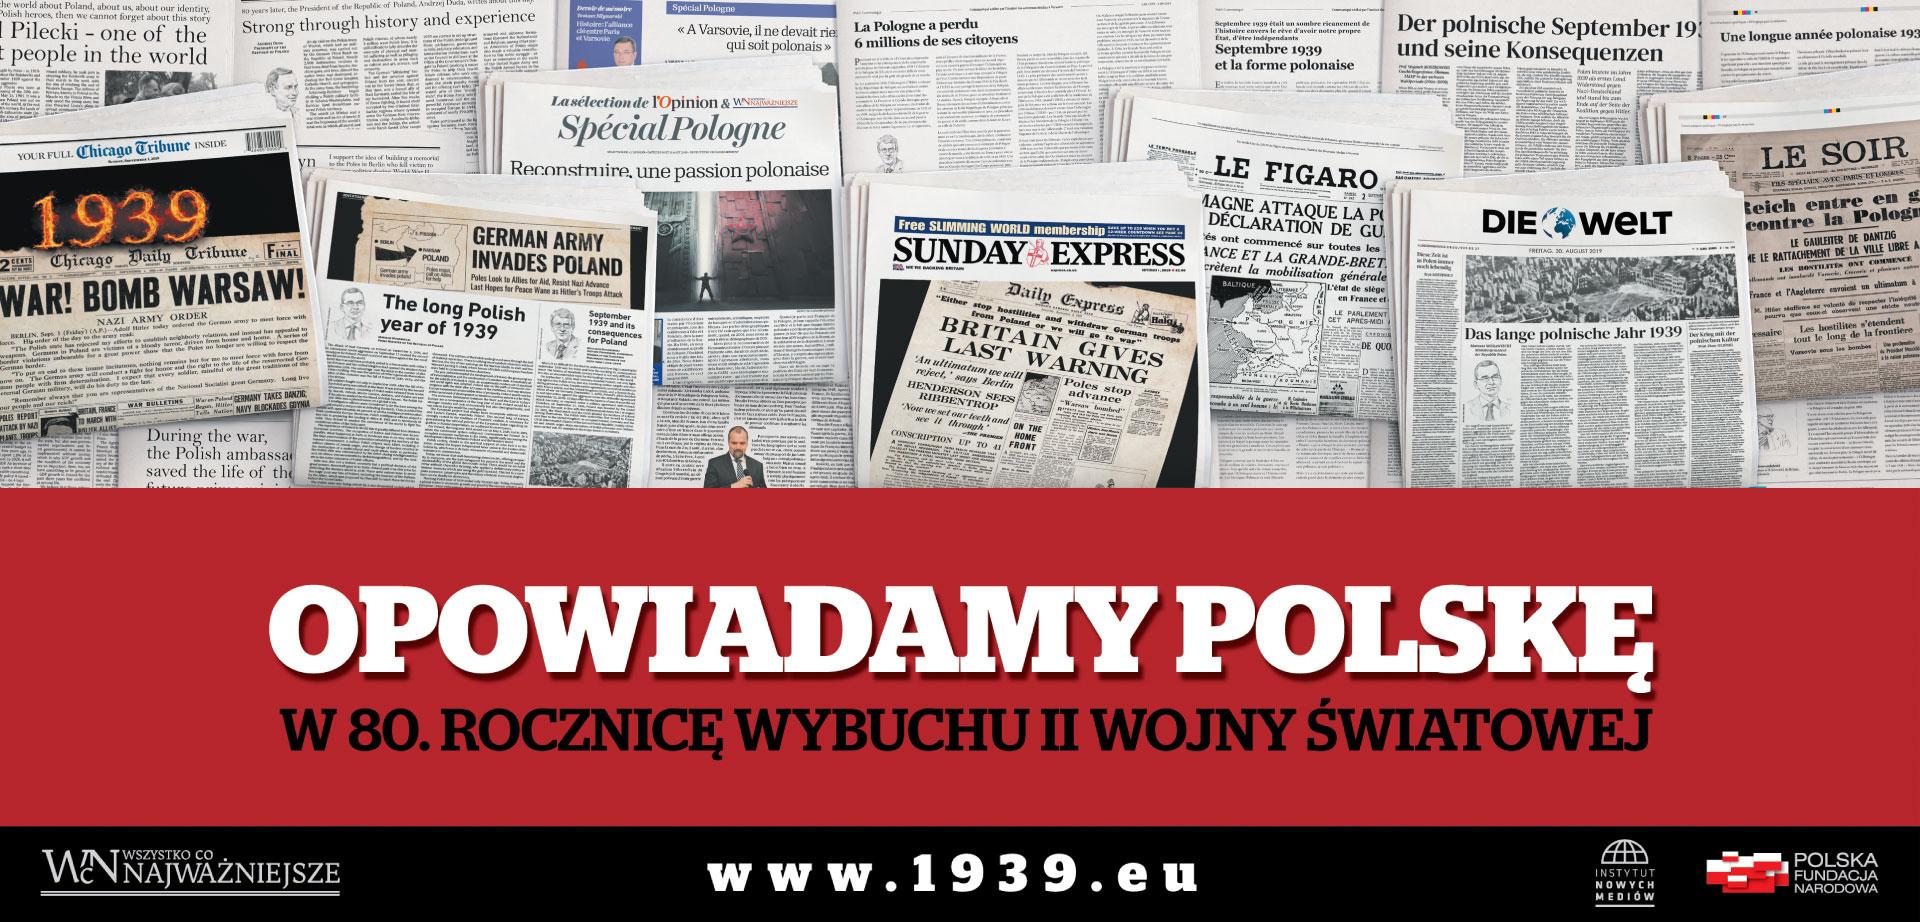 Opowiadamy Polskę